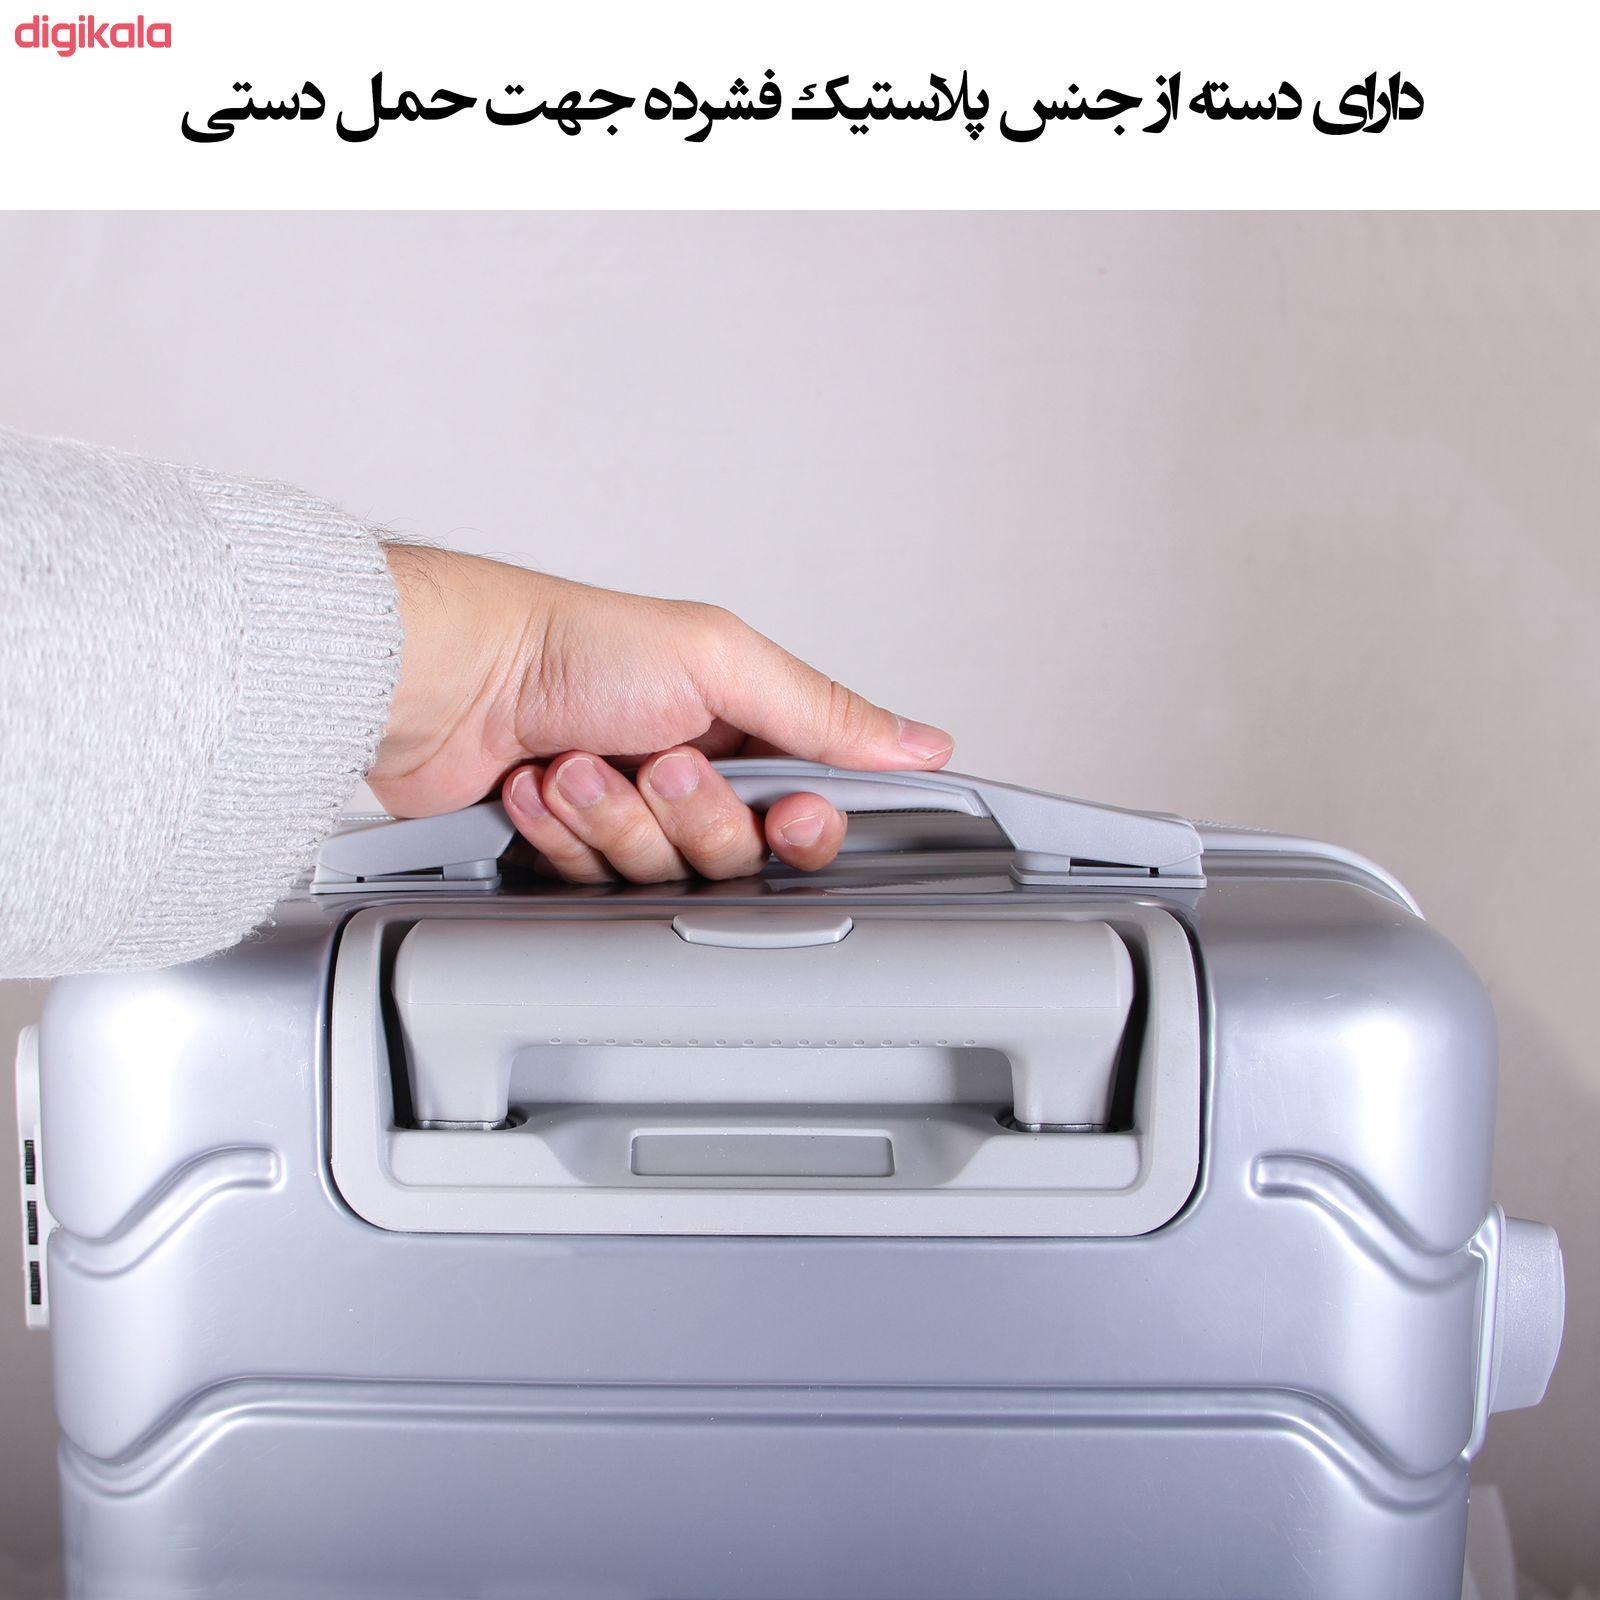 مجموعه سه عددی چمدان مدل 10021 main 1 9